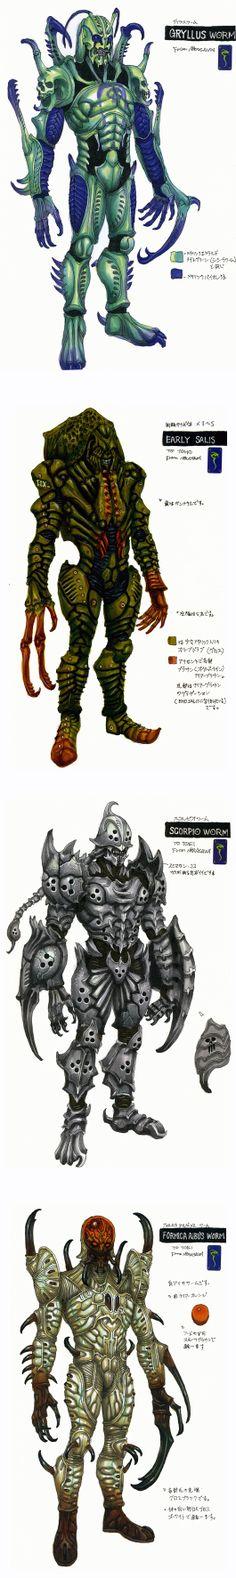 Monster design of the Masked Rider of Mr. Yasushi Nirasawa.